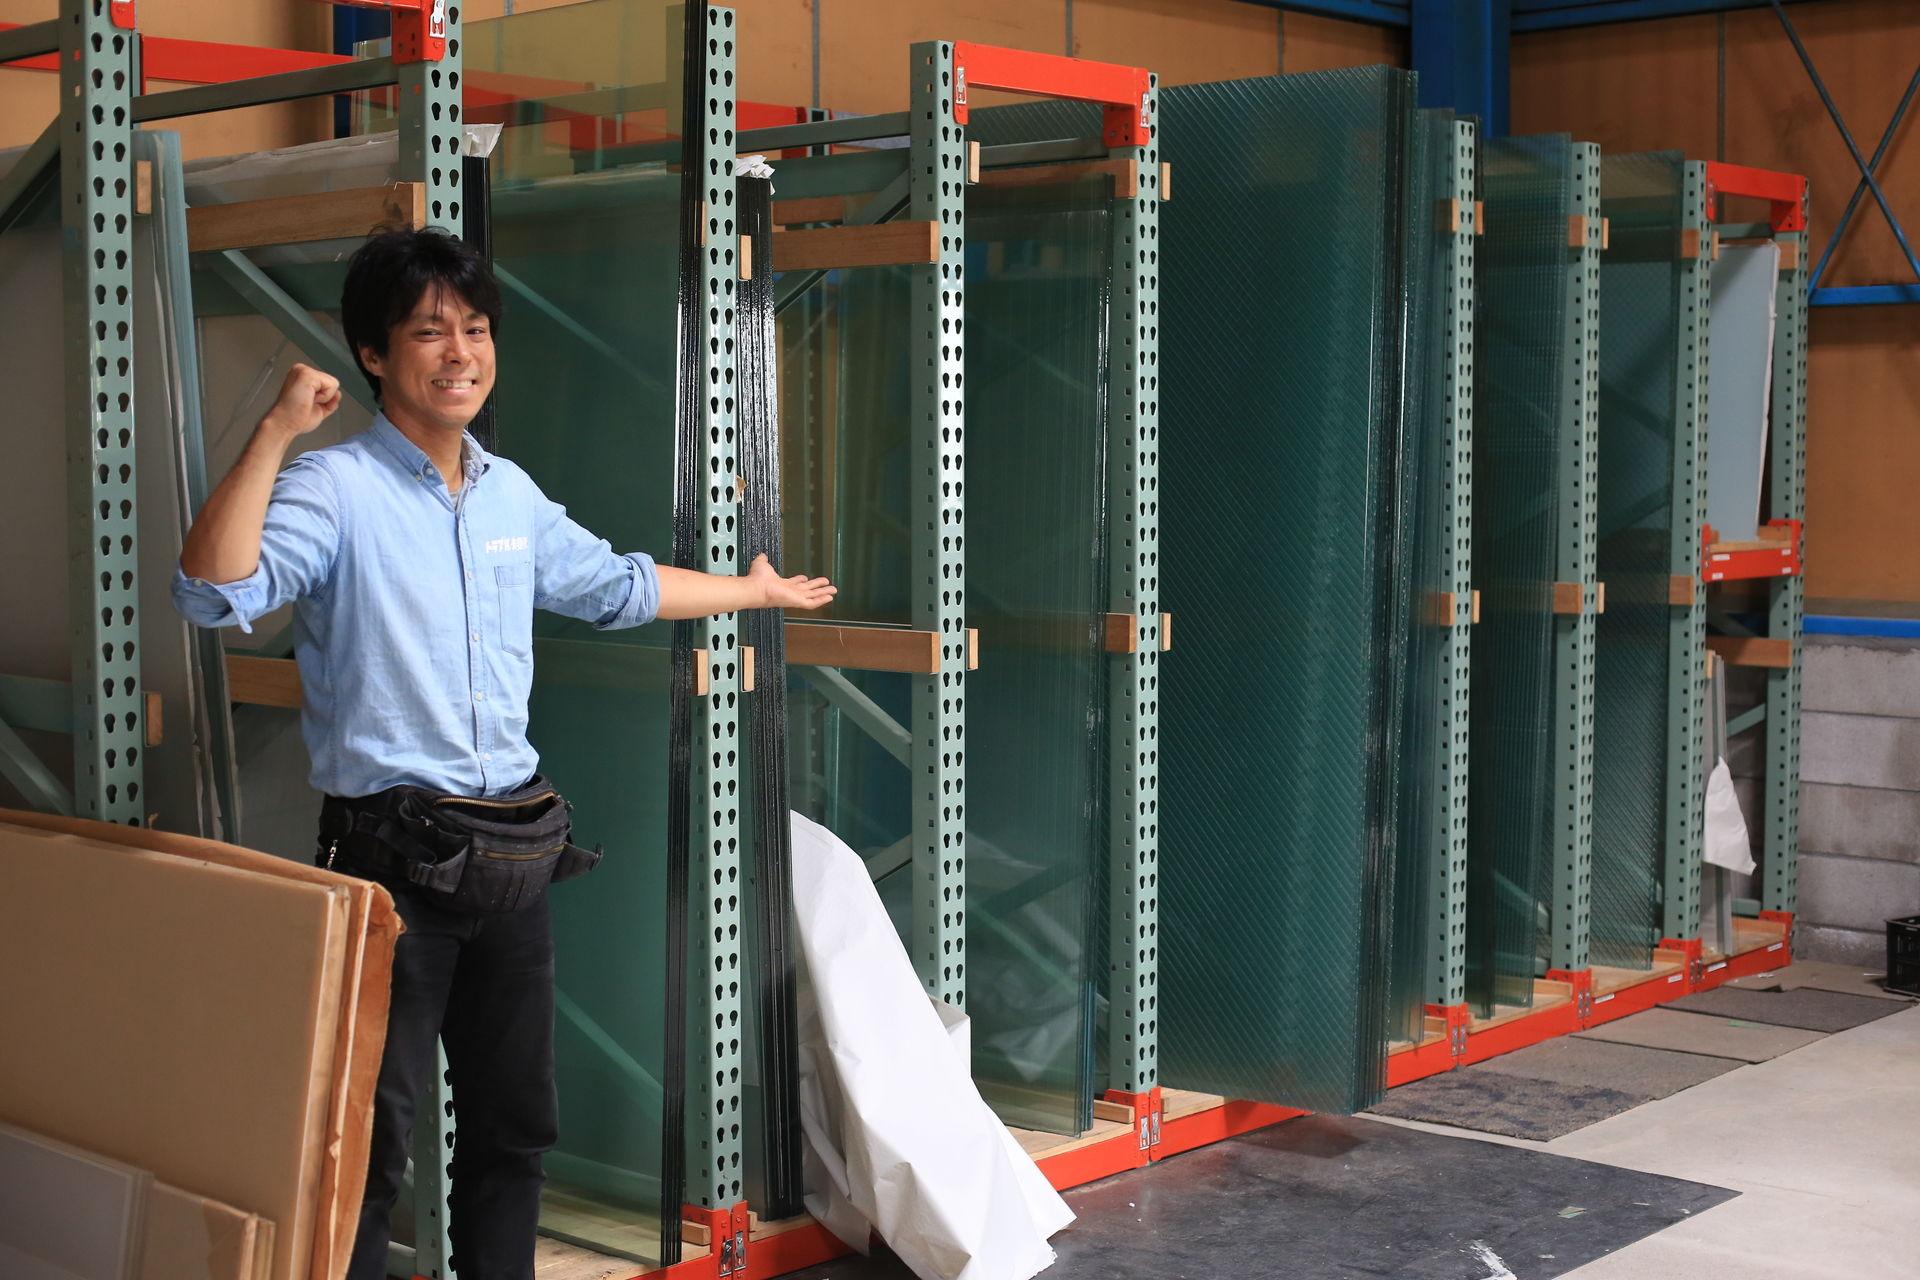 ガラスのトラブル救Q隊.24【加須市 出張エリア】の店内・外観画像1